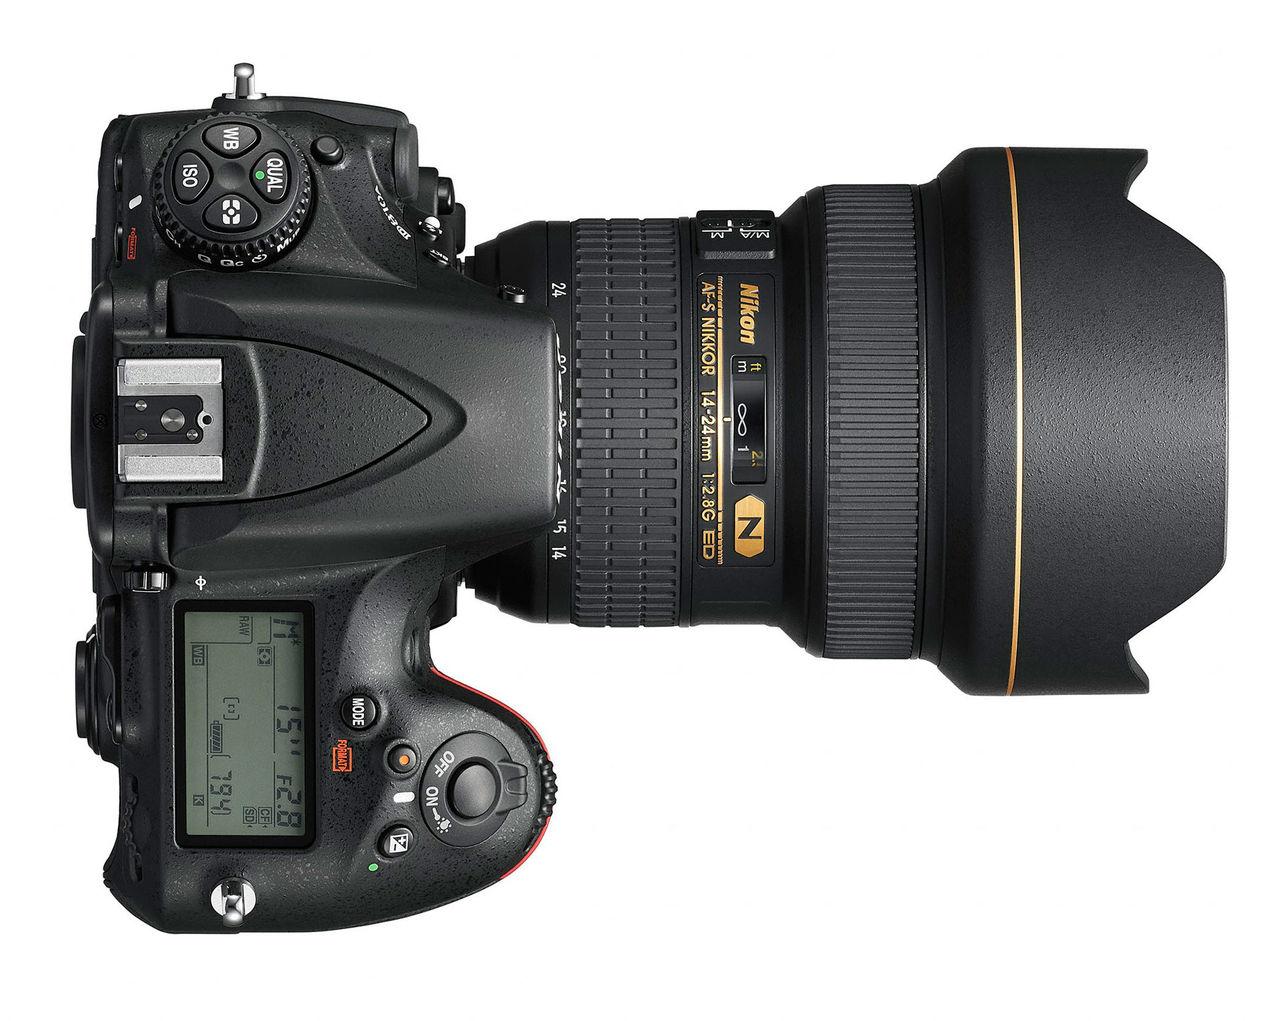 Nikons nya kamera är specialiserad på astronomifoto